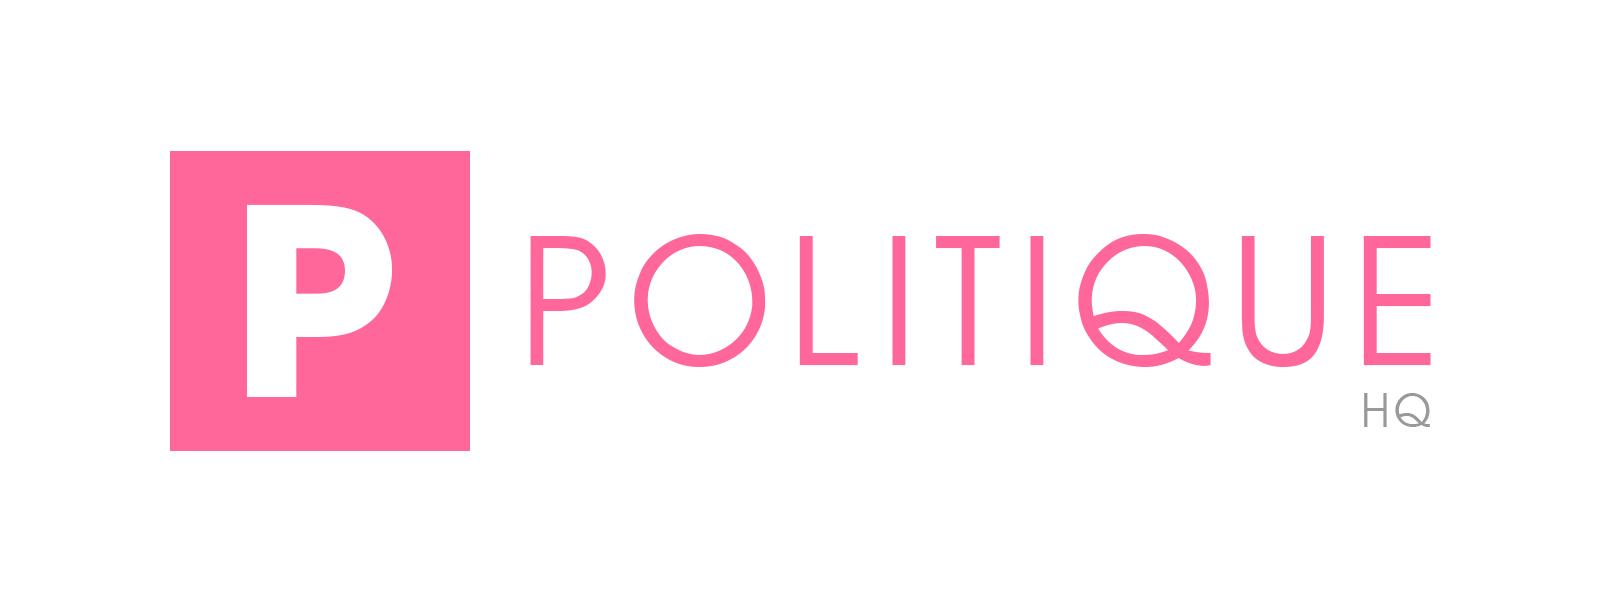 politique-logo - Holly Richardson